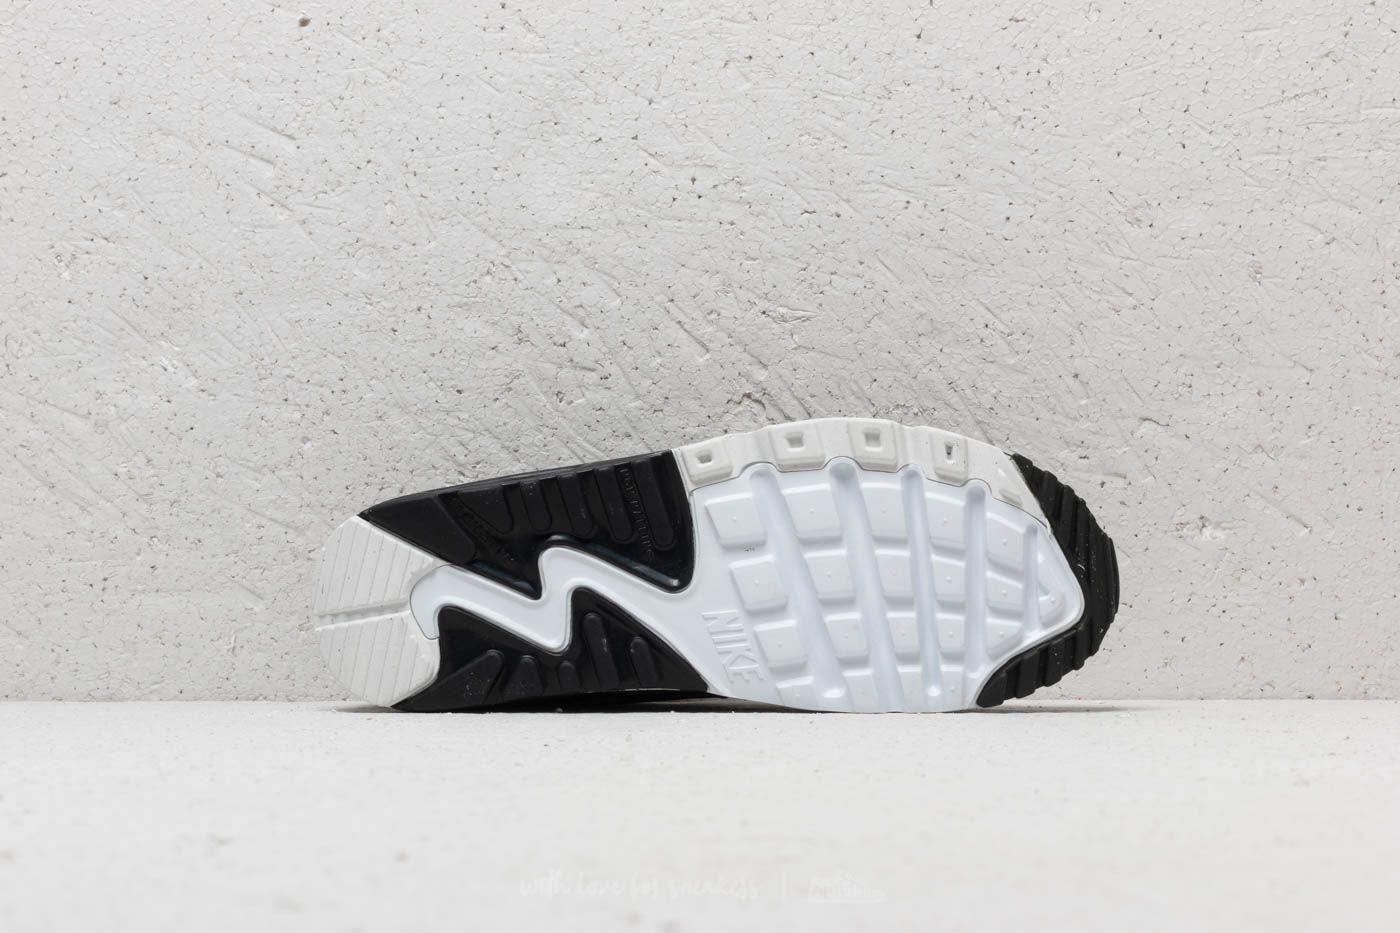 Nike Air Max 90 Mesh (GS) Medium Olive Black Sequoia